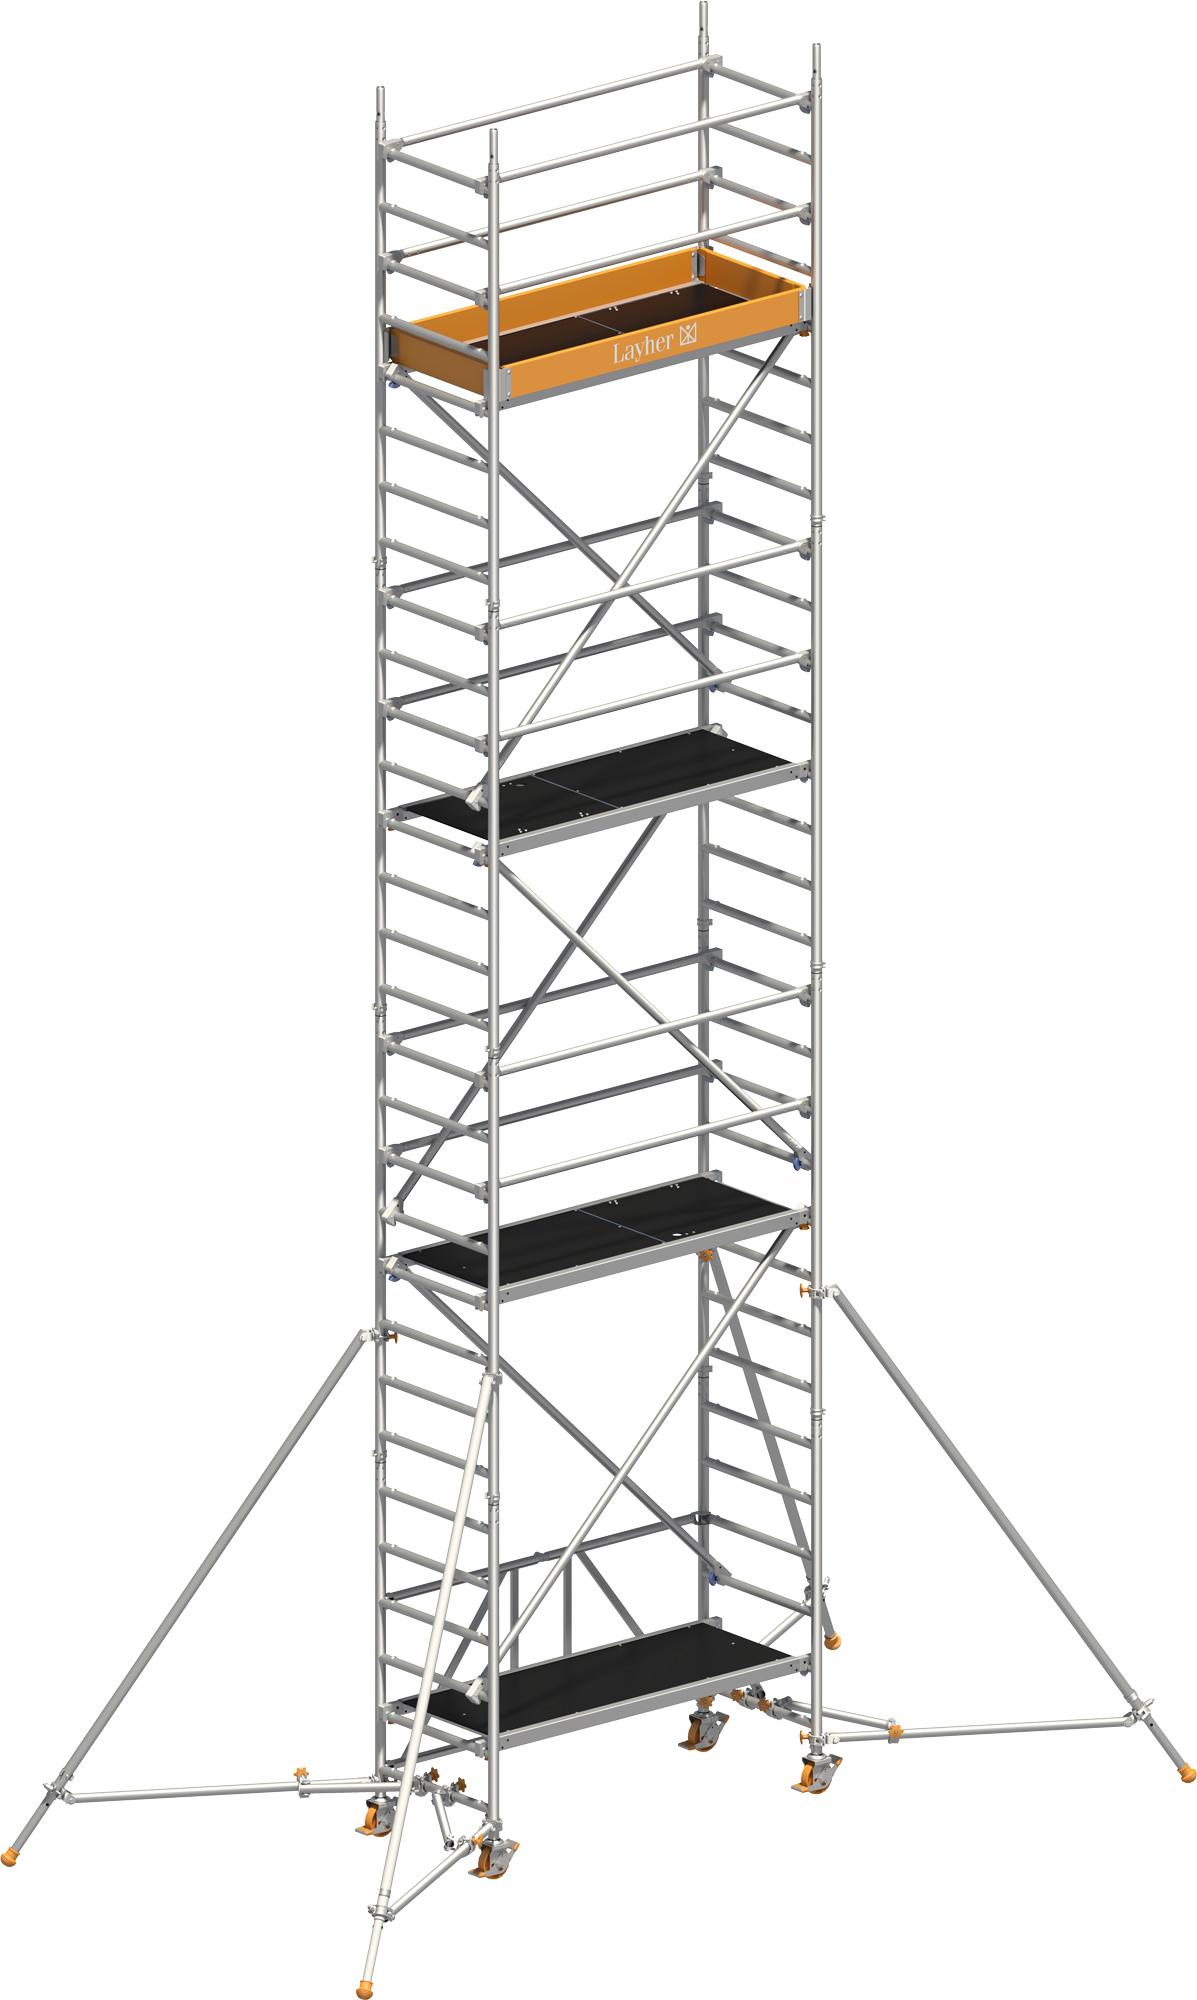 Rollgerüst Layher Zifa P2 1406237